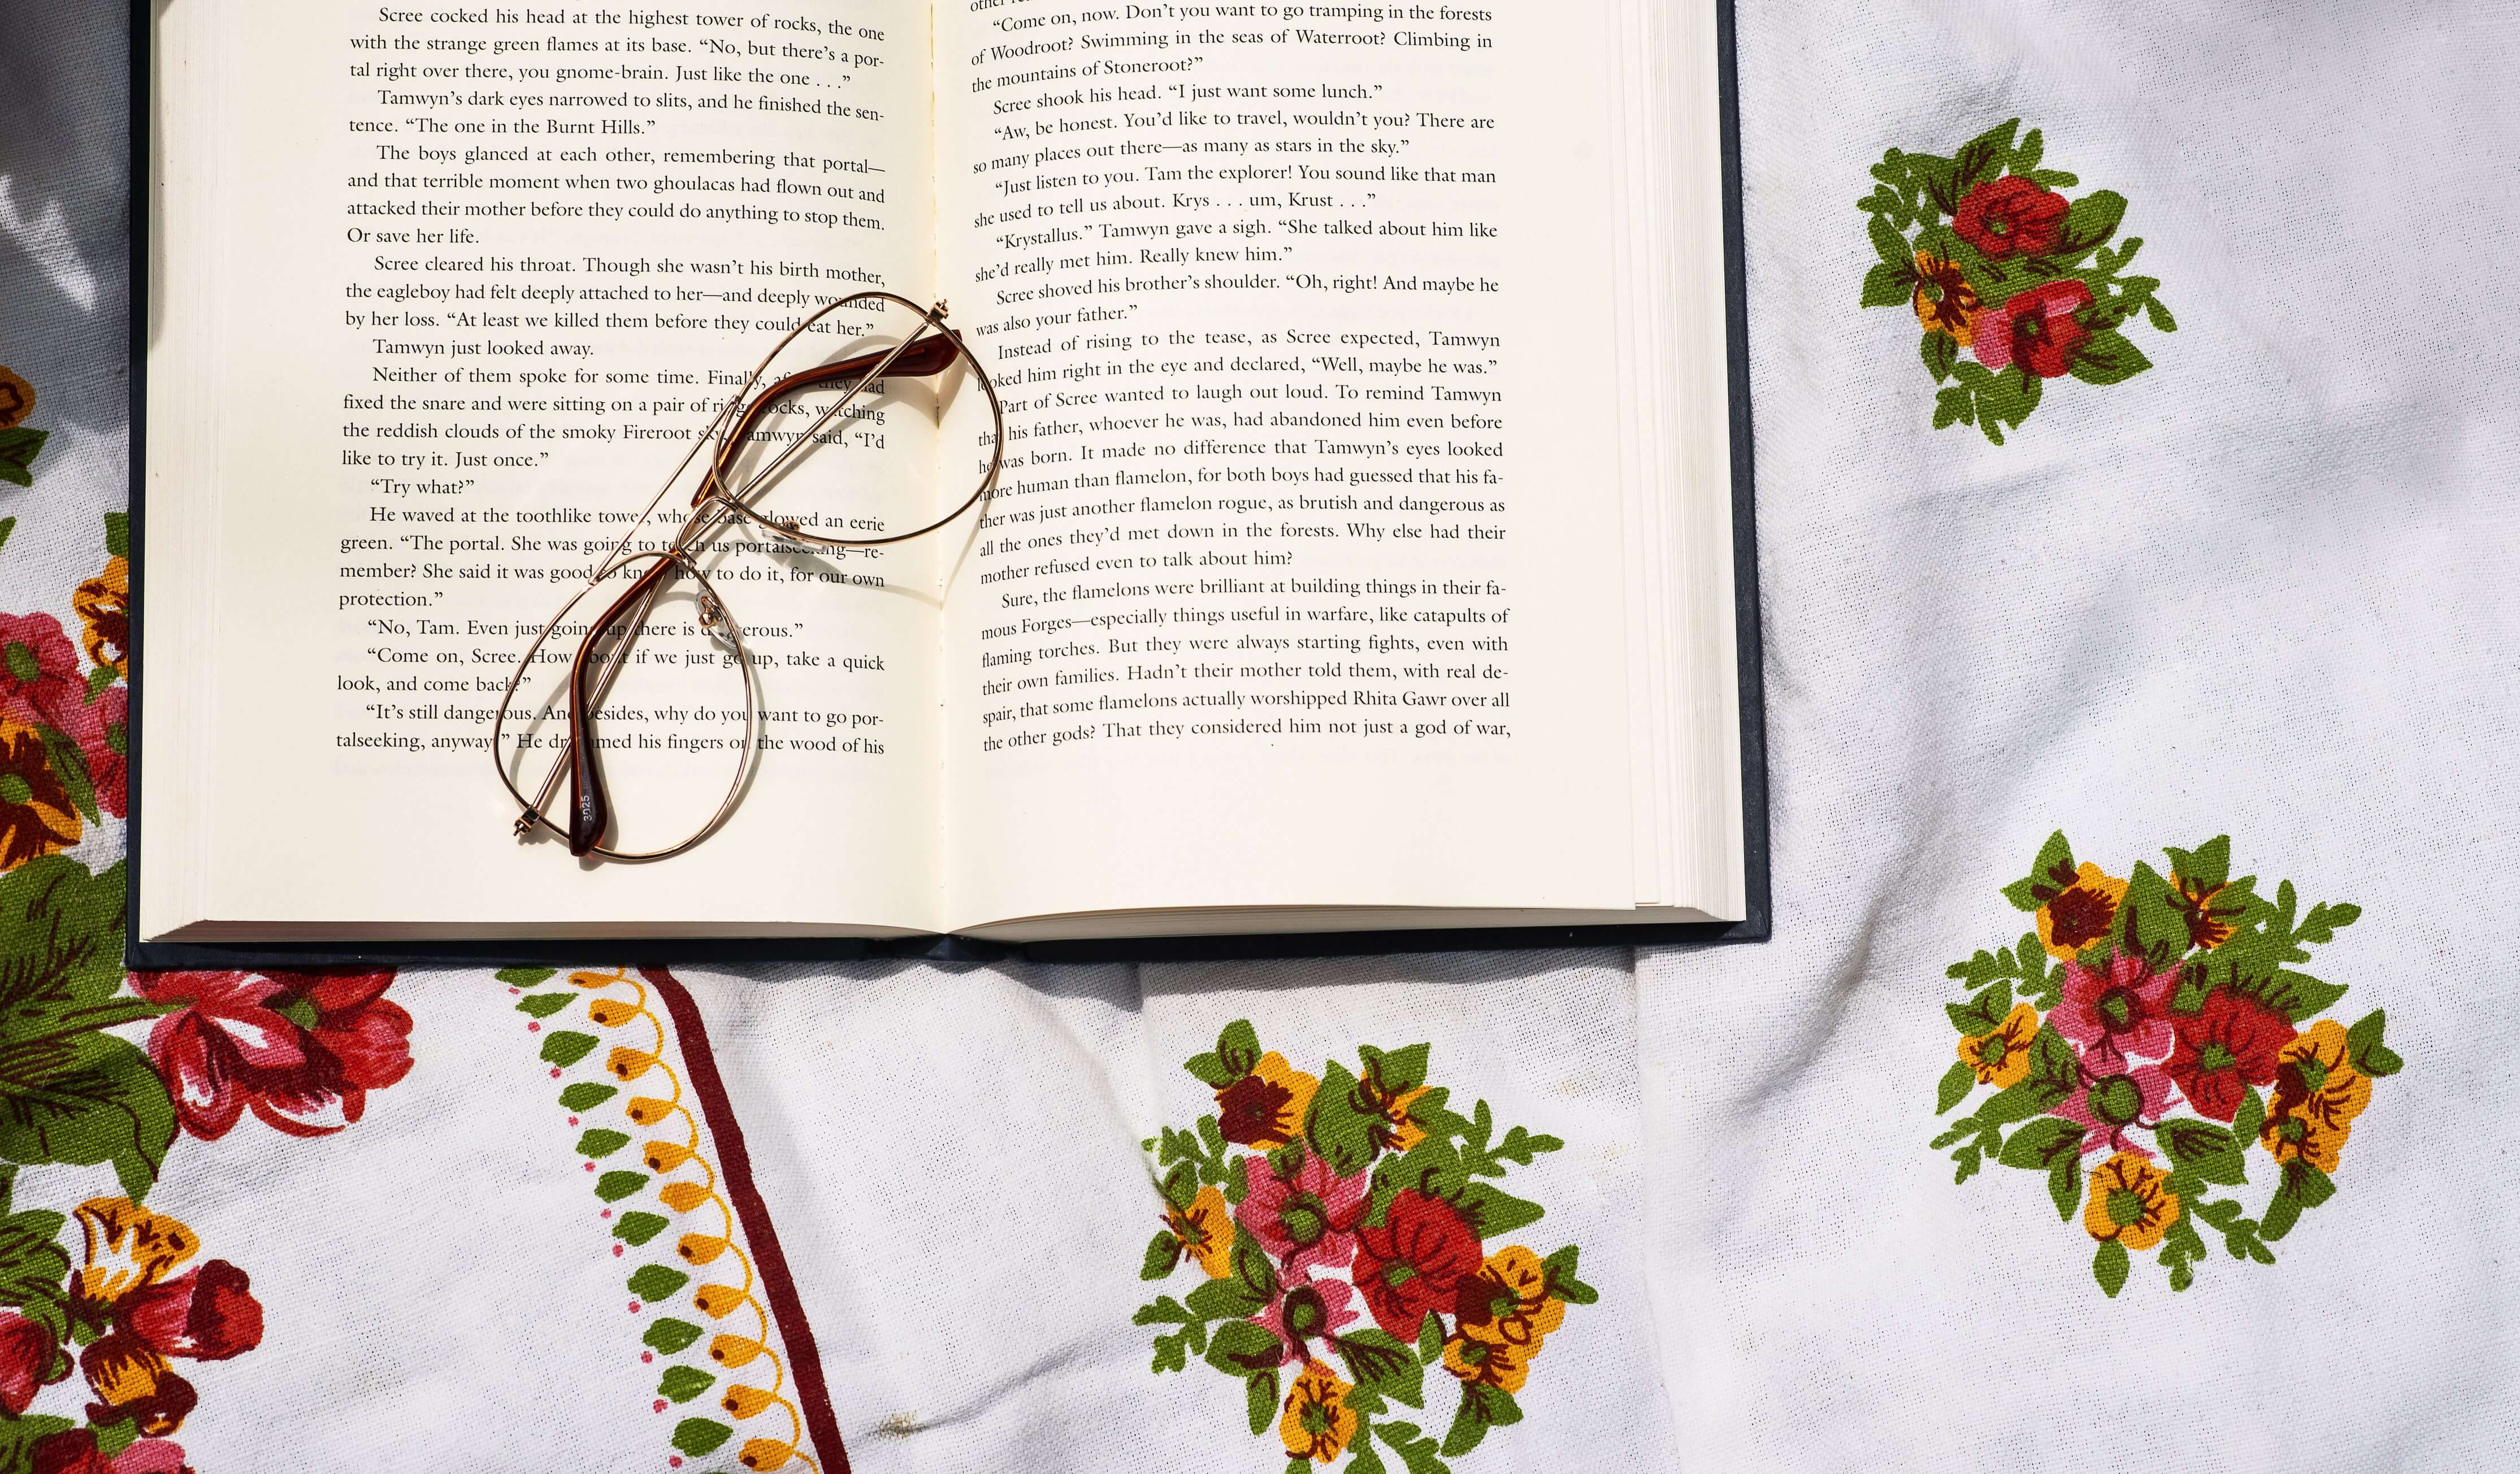 Consigli per leggere meglio (se non ti ricordi nulla)